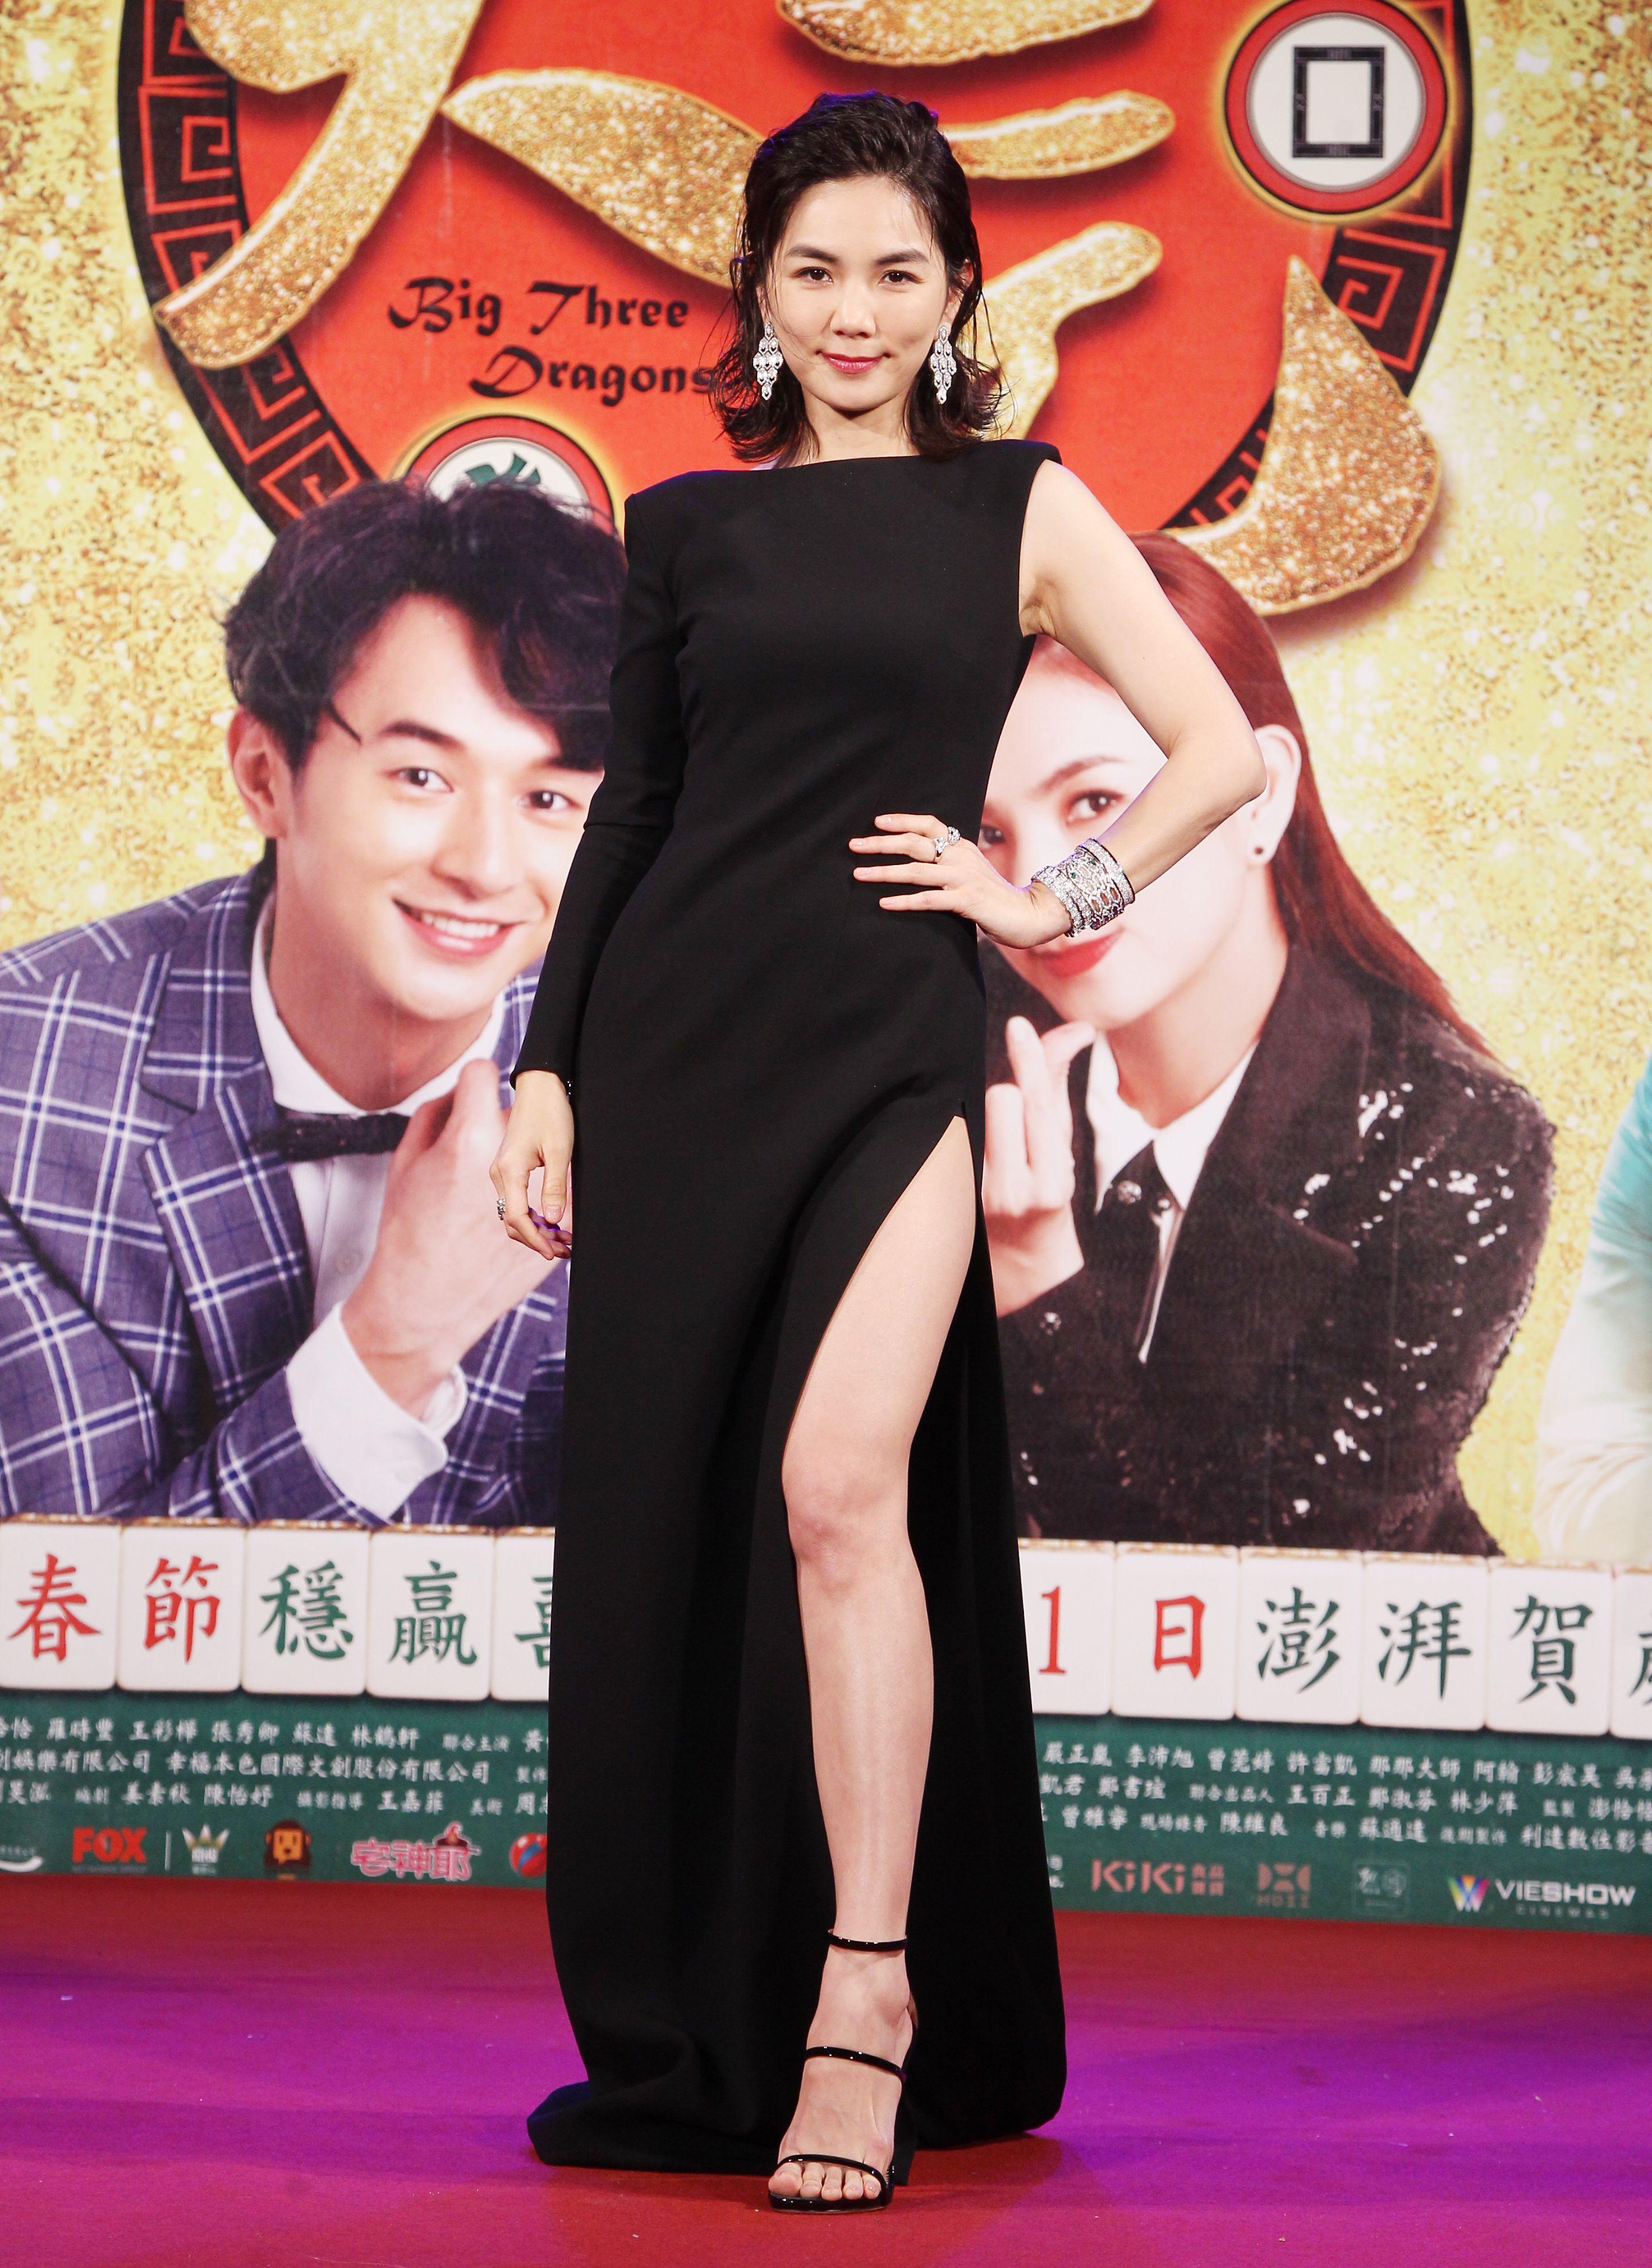 賀歲片「大三元」演員Ella陳嘉樺。(記者邱榮吉/攝影)